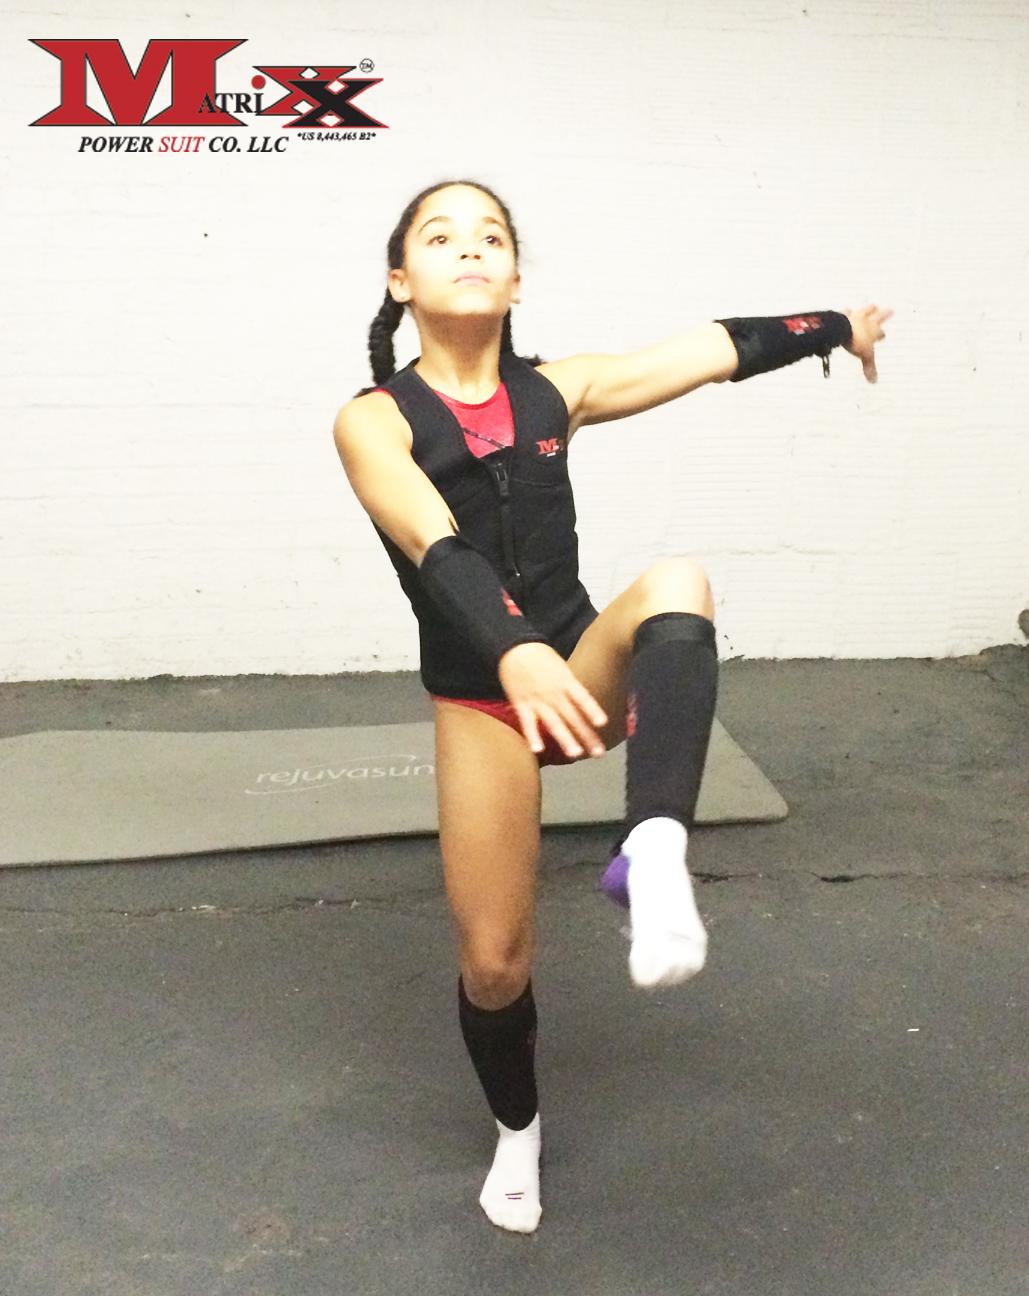 Ktusha dance pose 2.jpg